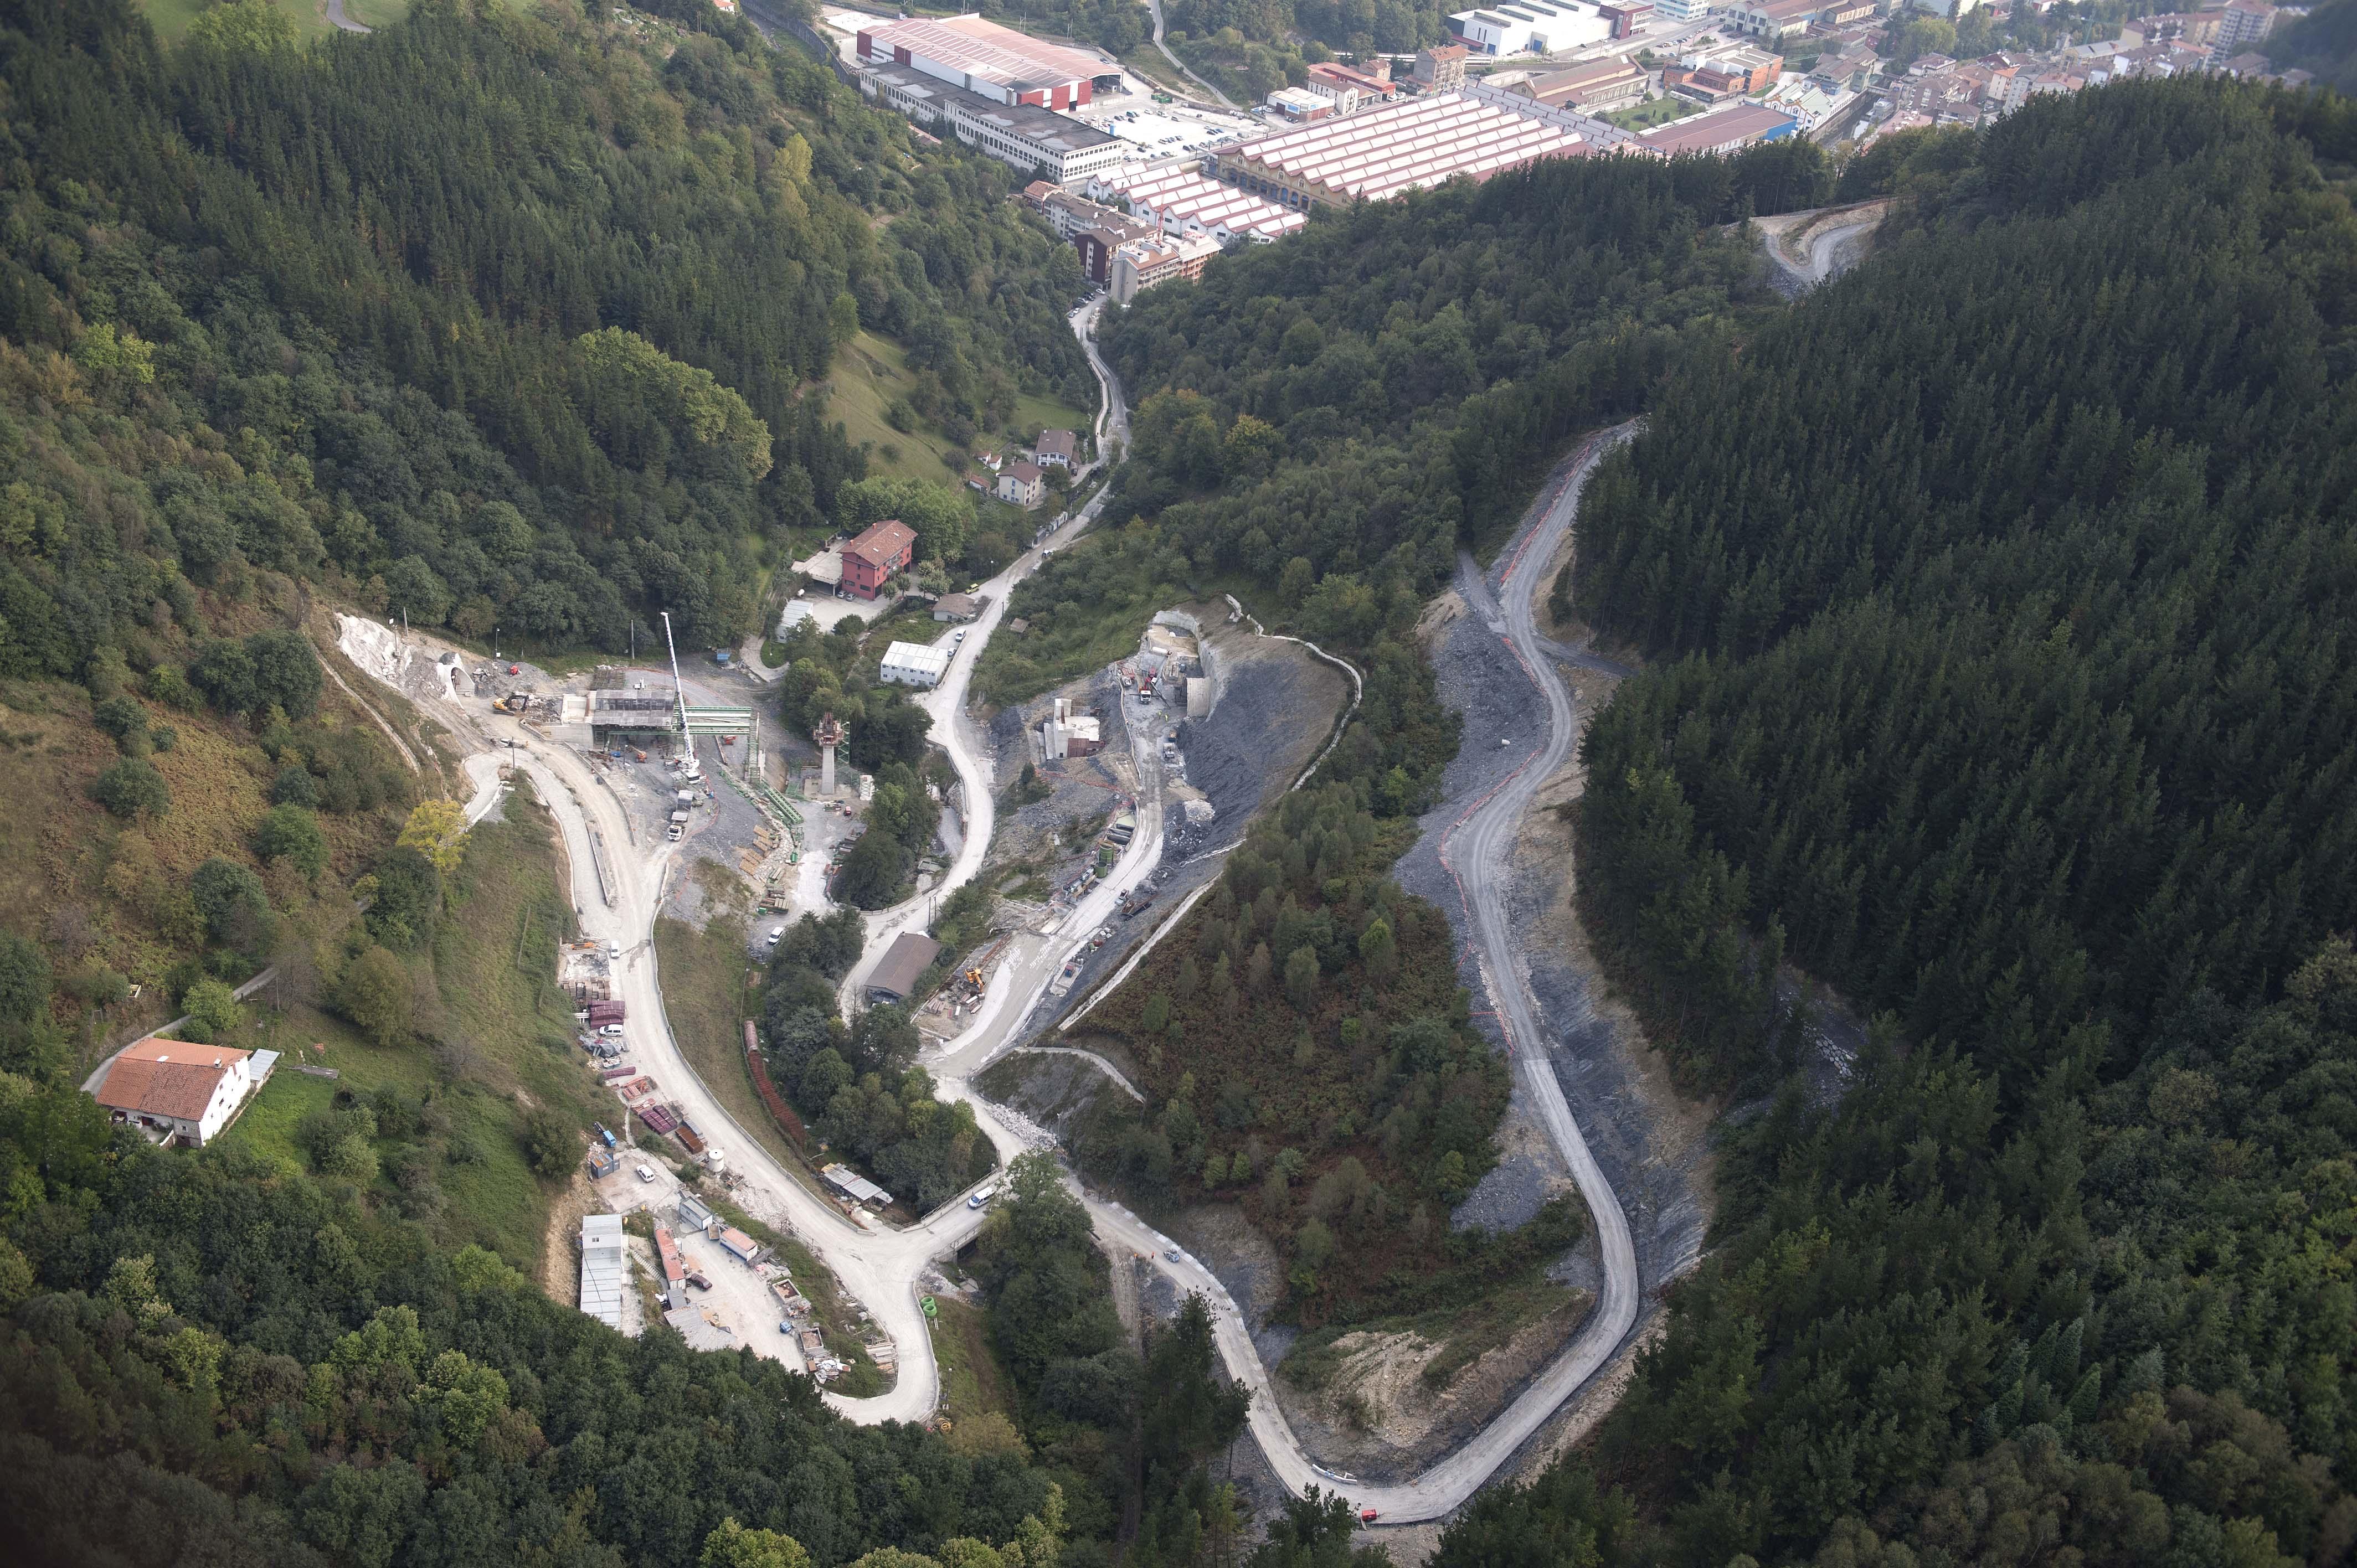 2011_09_28_tav_aquitania_arriola_vista_obra10.jpg